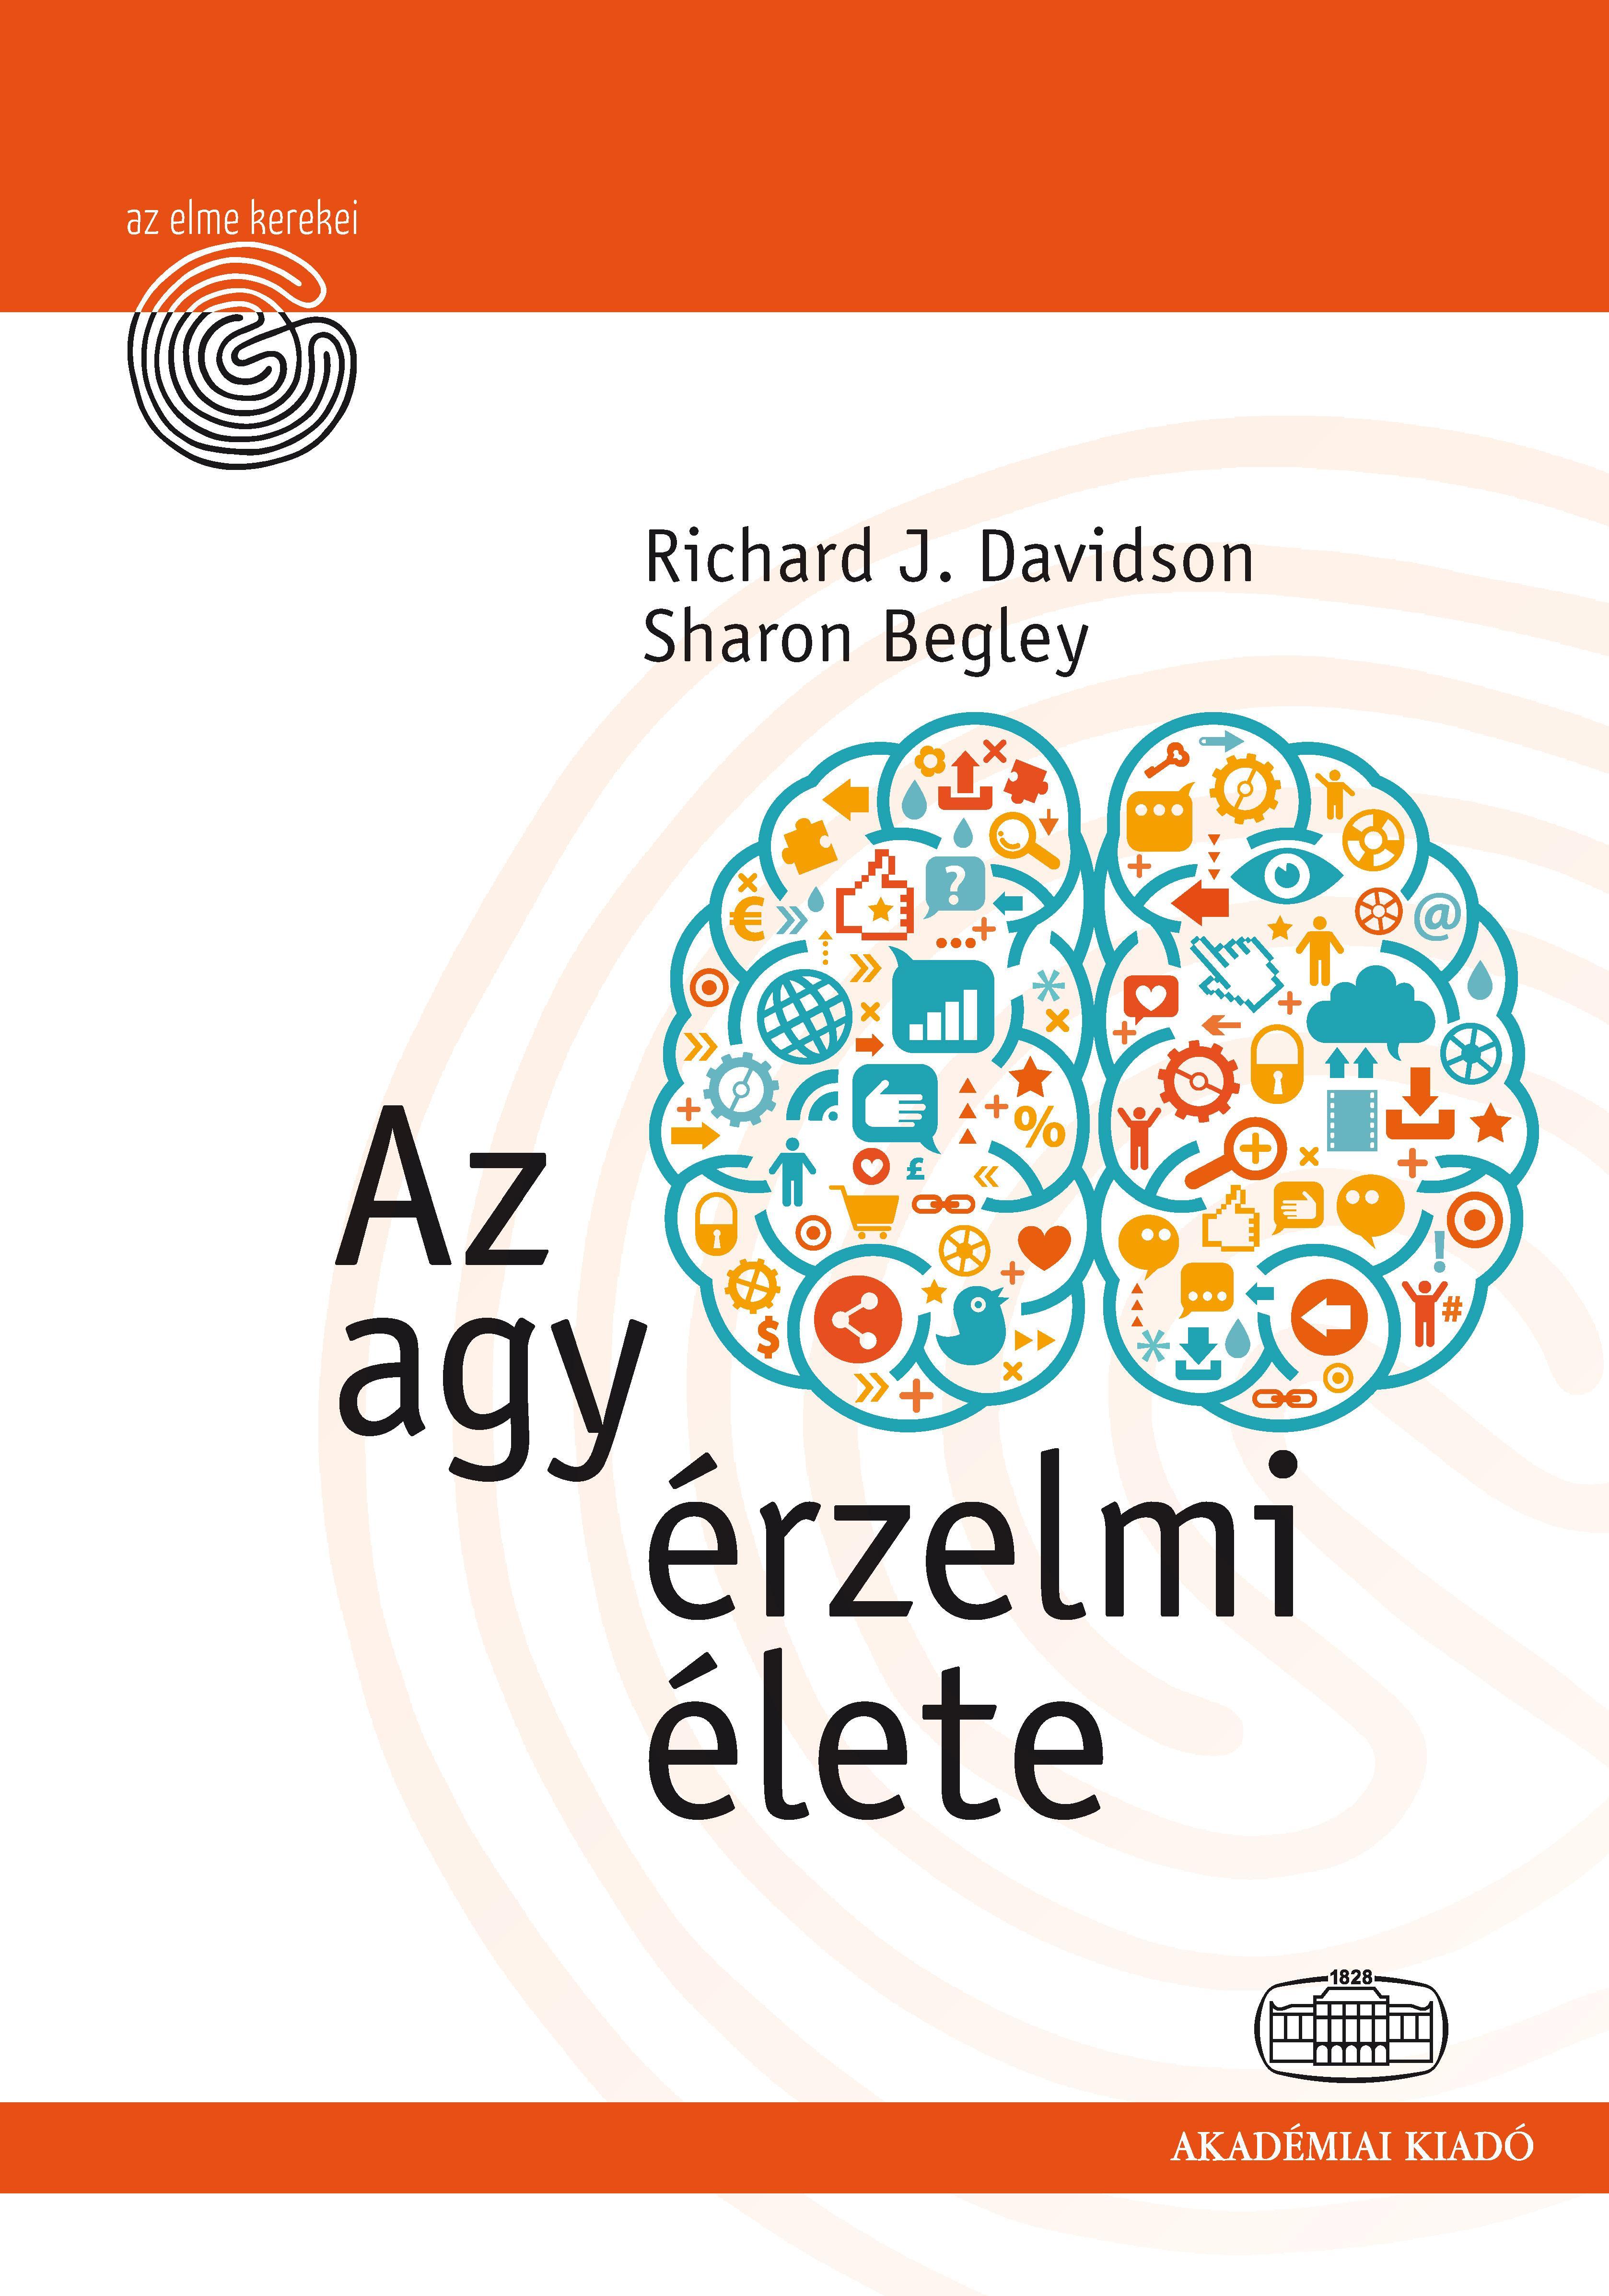 A tökéletes vezetőről és az érzelmi intelligenciáról - E-volution - DigitalHungary